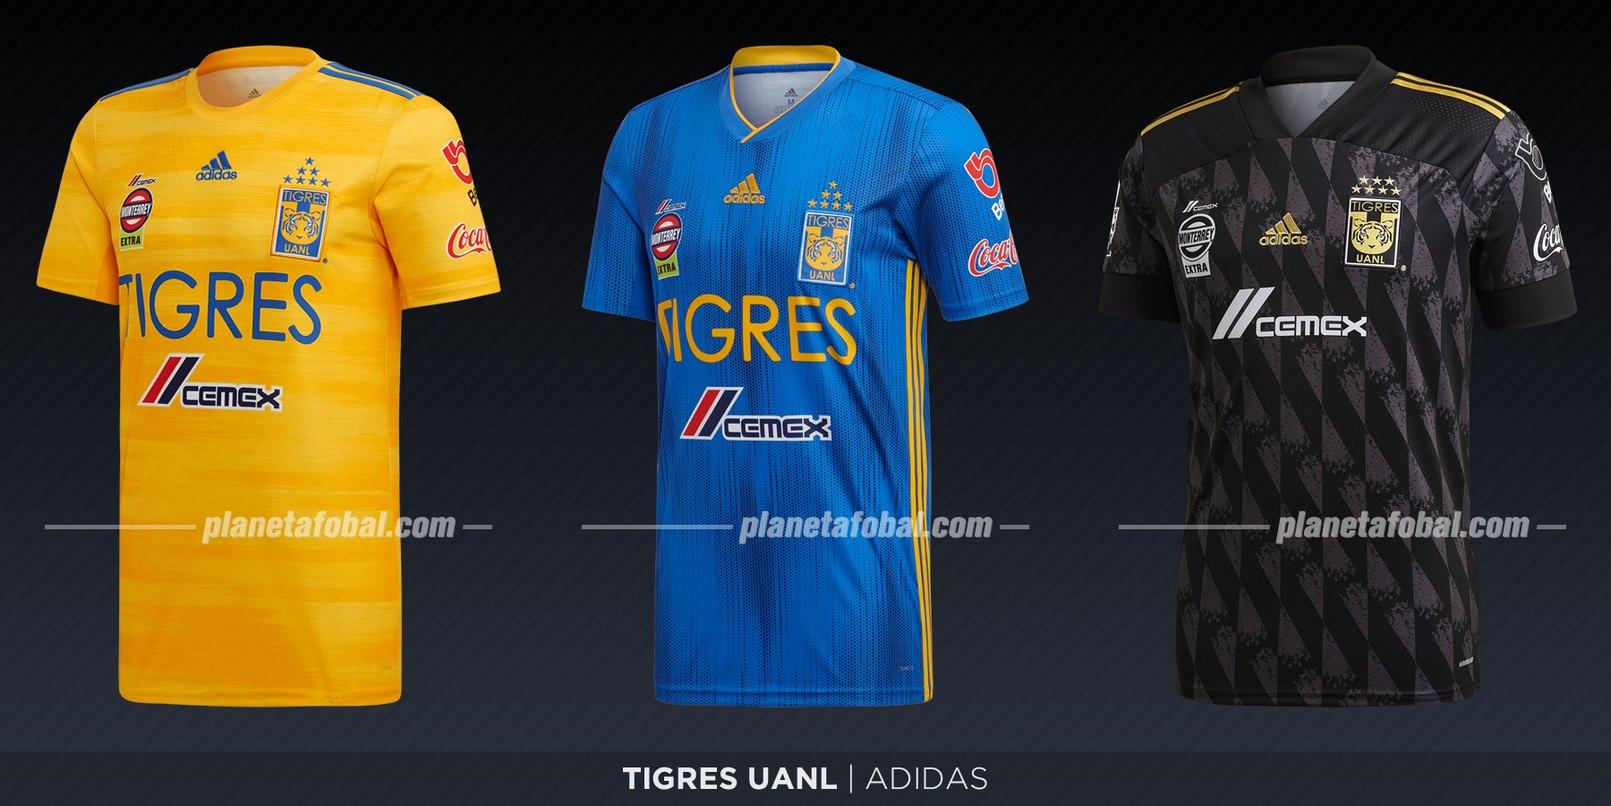 Tigres de la UANL (Adidas) | Camisetas de la Liga MX 2019-2020